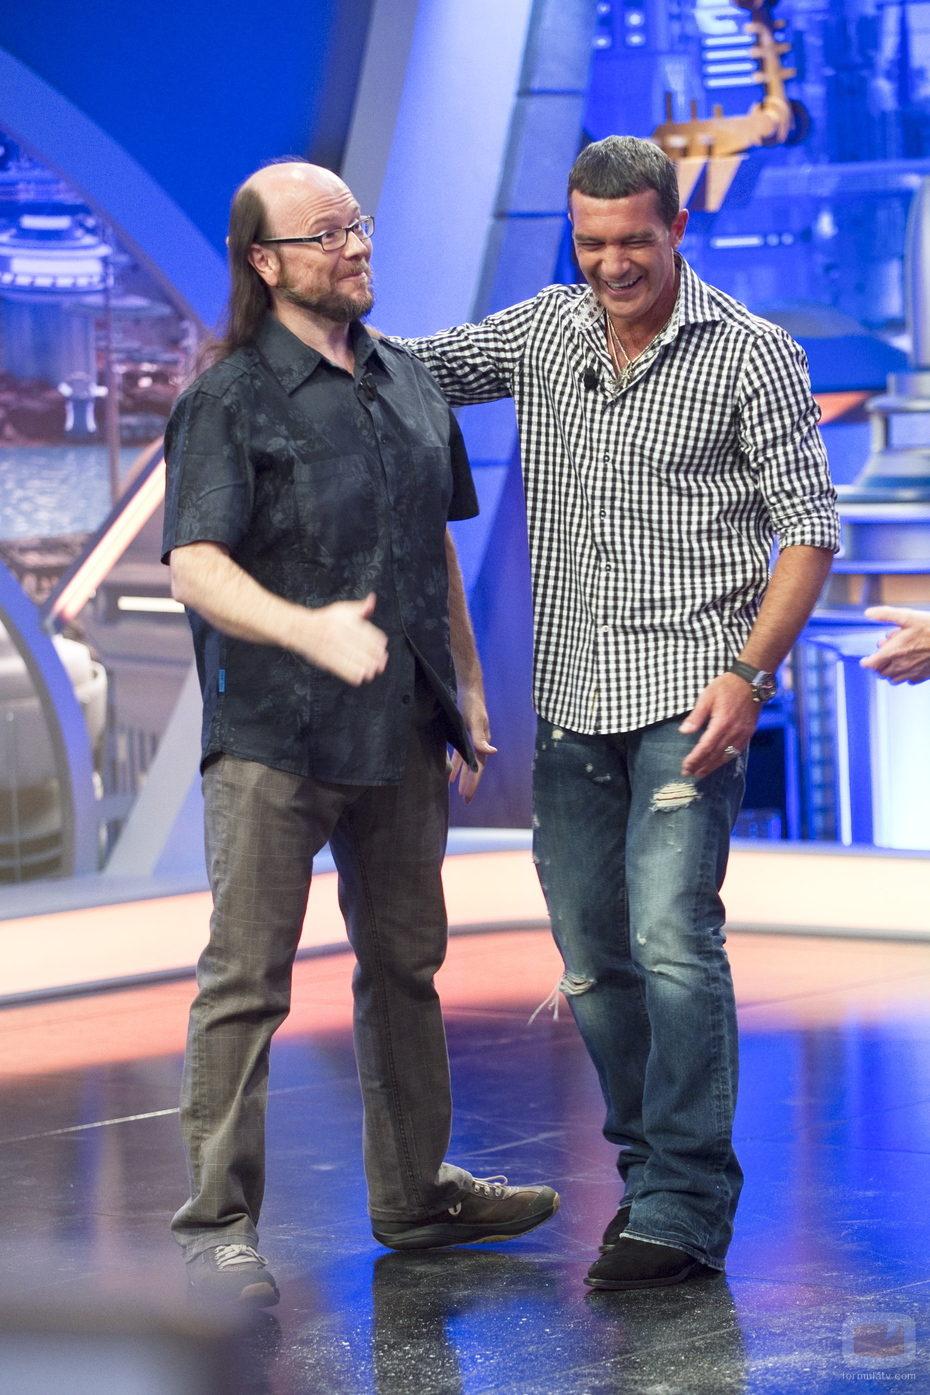 Santiago Segura se estrena en 'El hormiguero' con Antonio Banderas